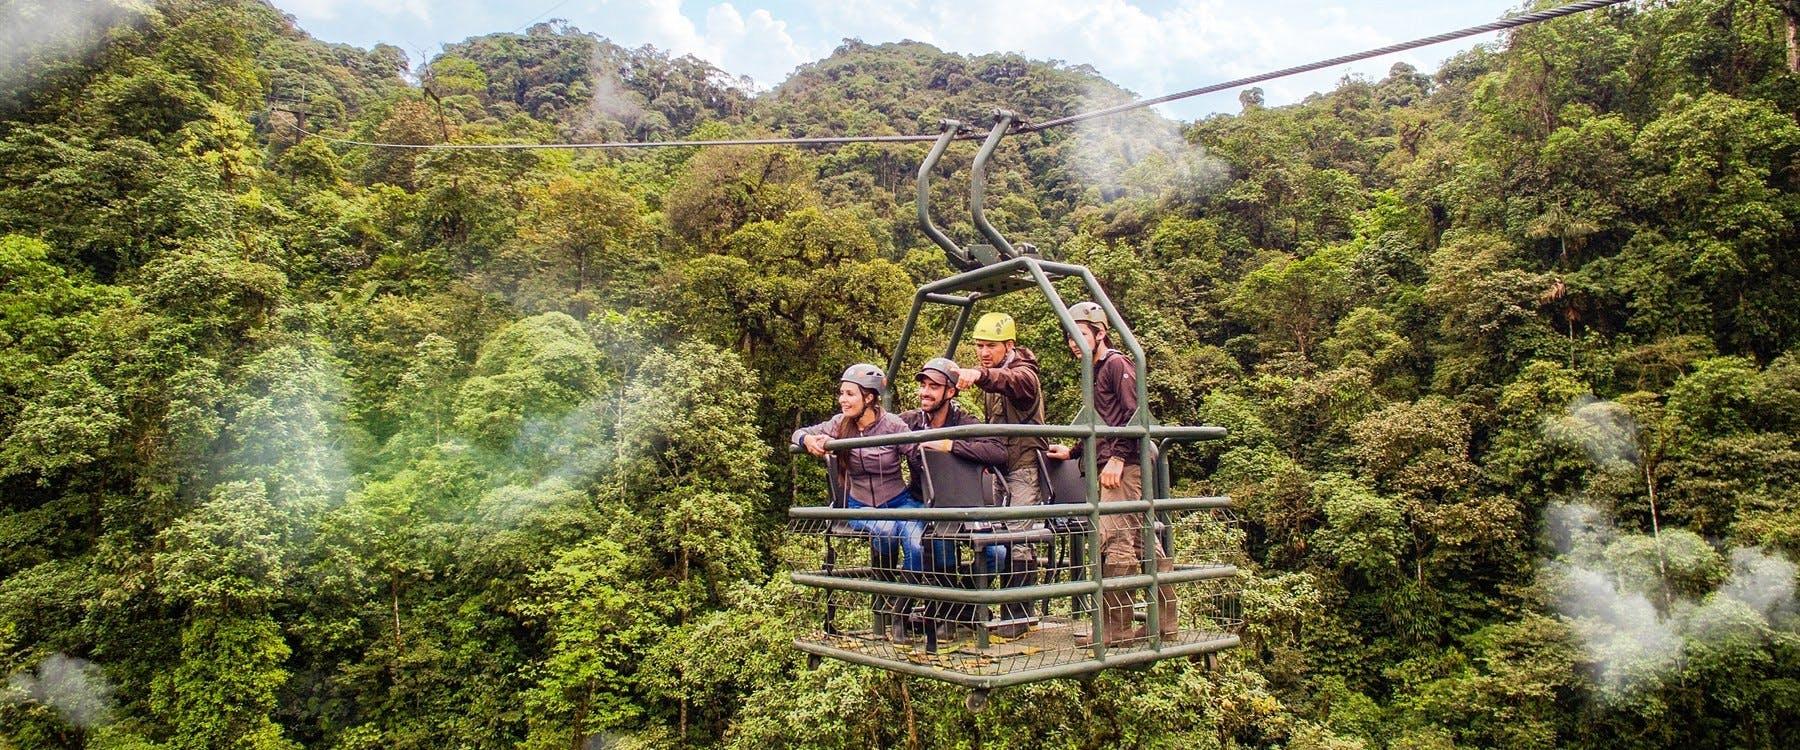 mashpi-lodge-egyedulallo-szallashely-ecuadorban-noko-09.jpg